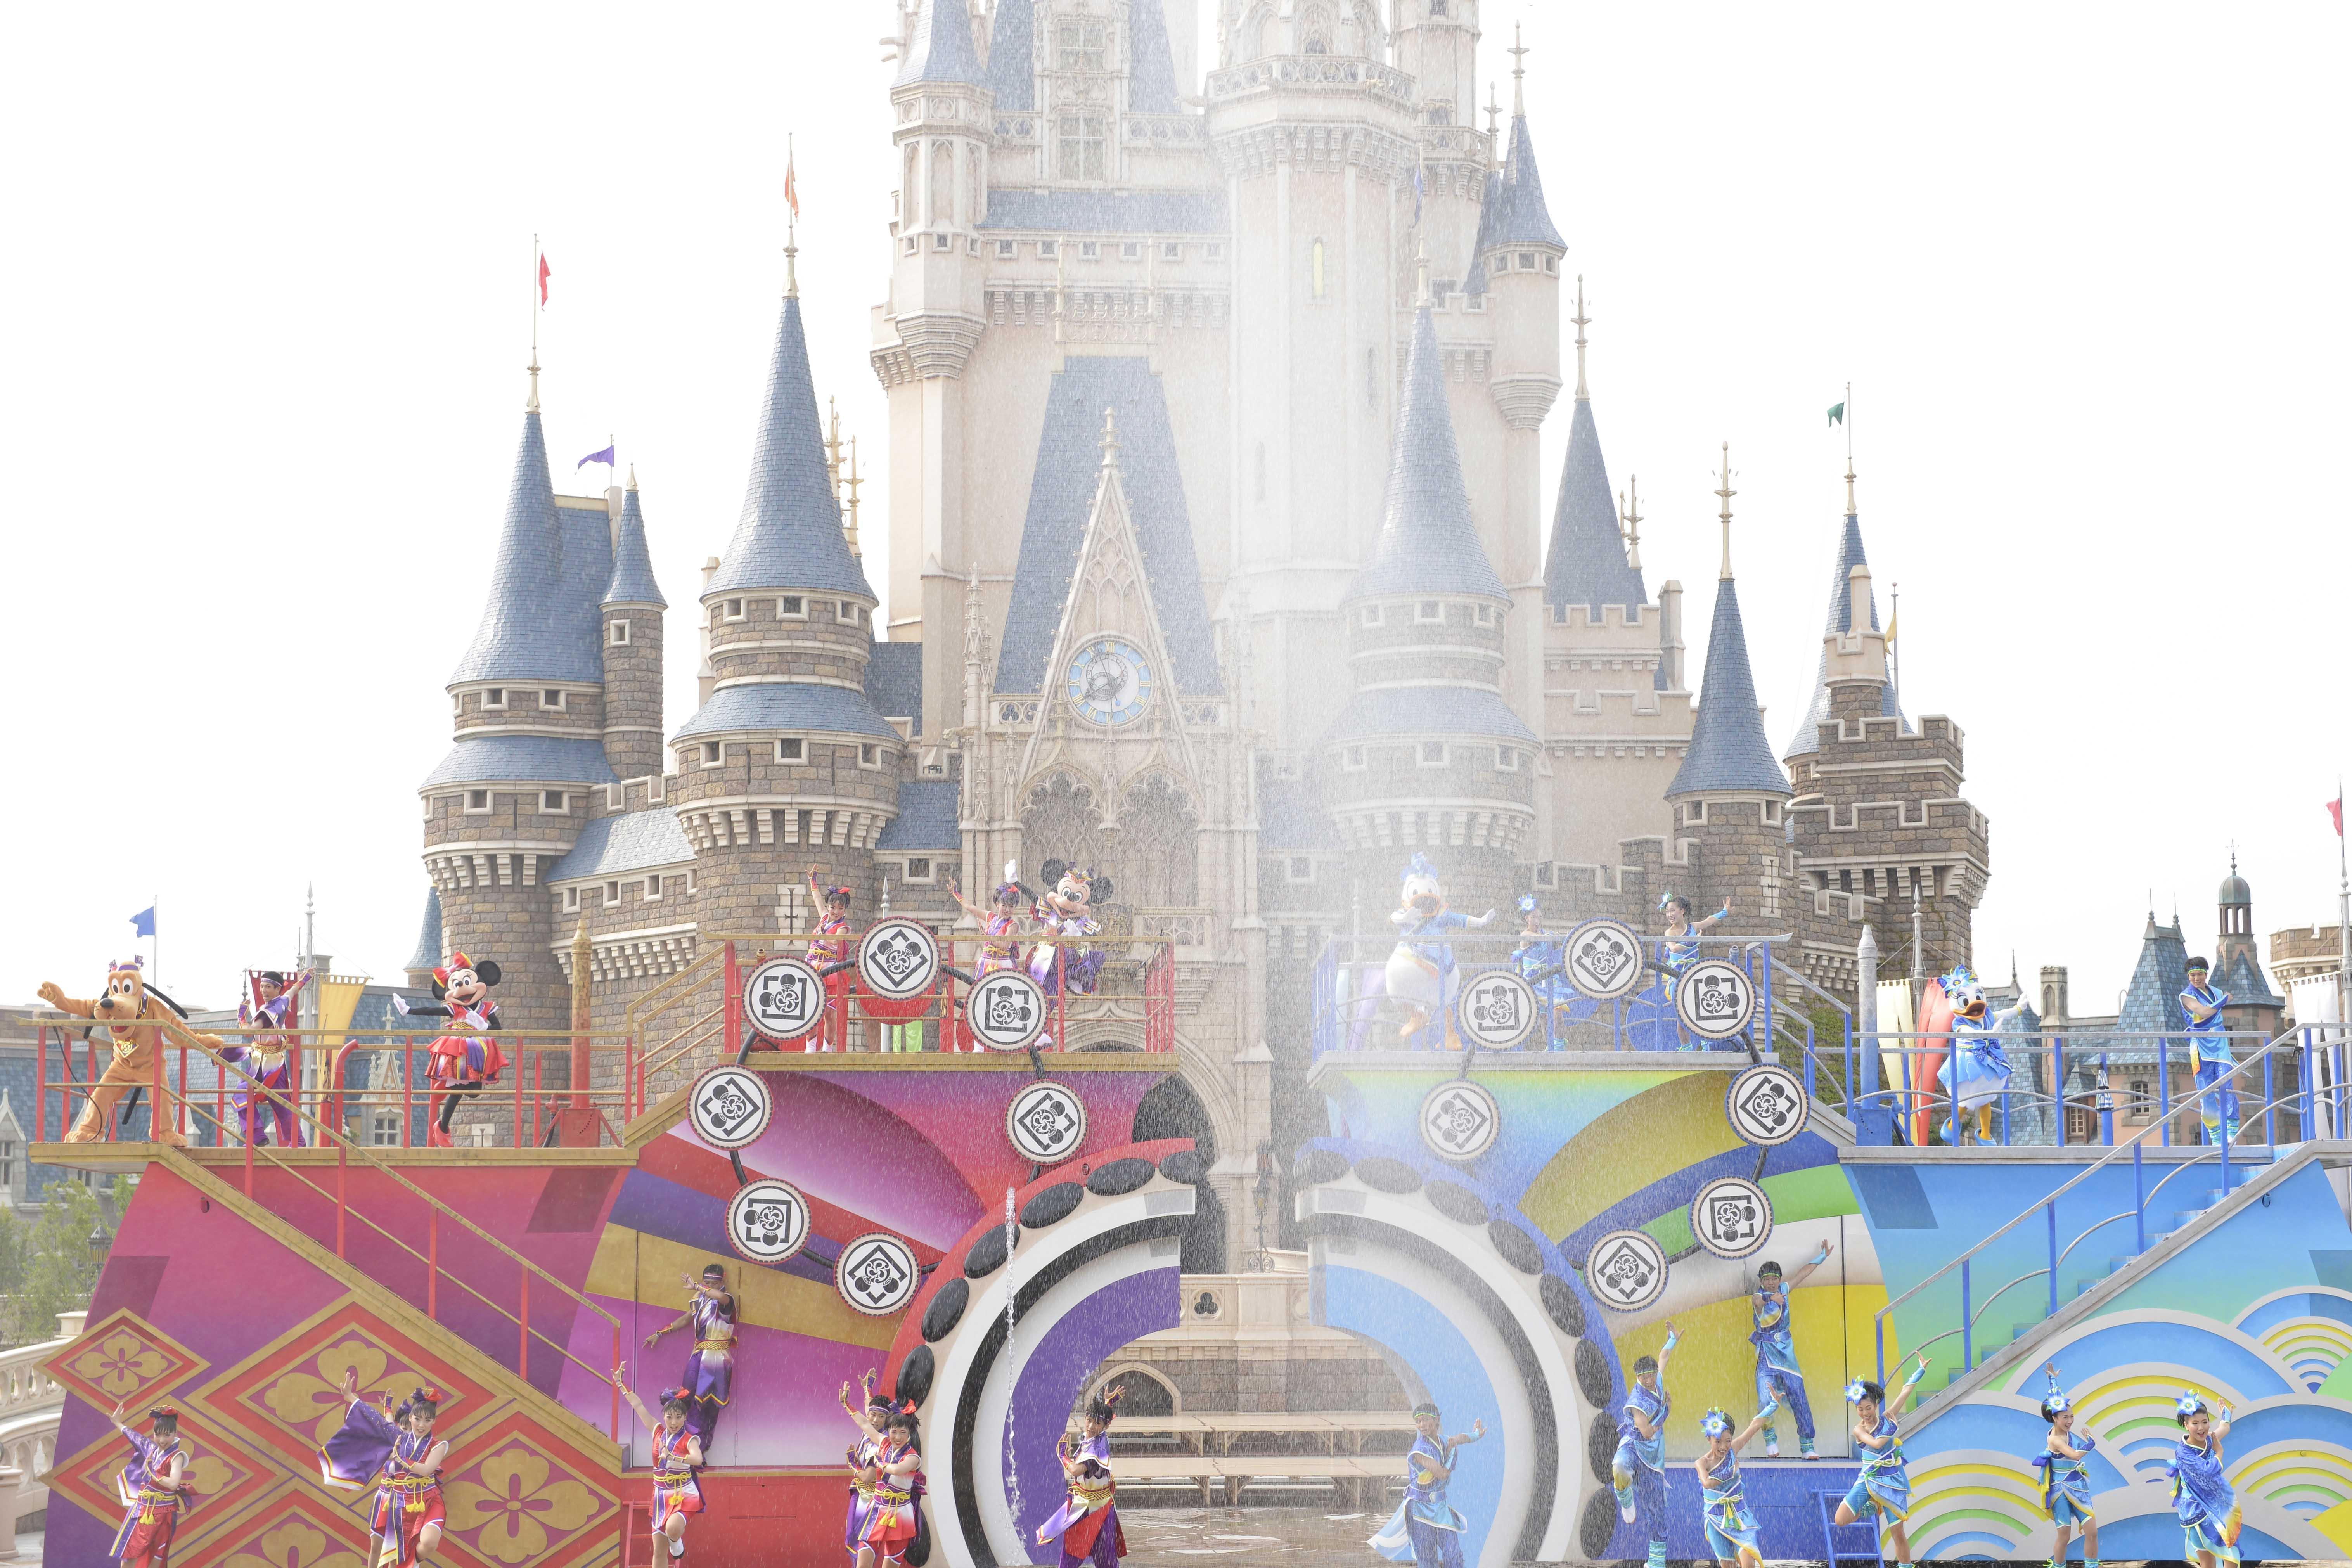 東京ディズニーリゾート、夏イベントの詳細が発表されました